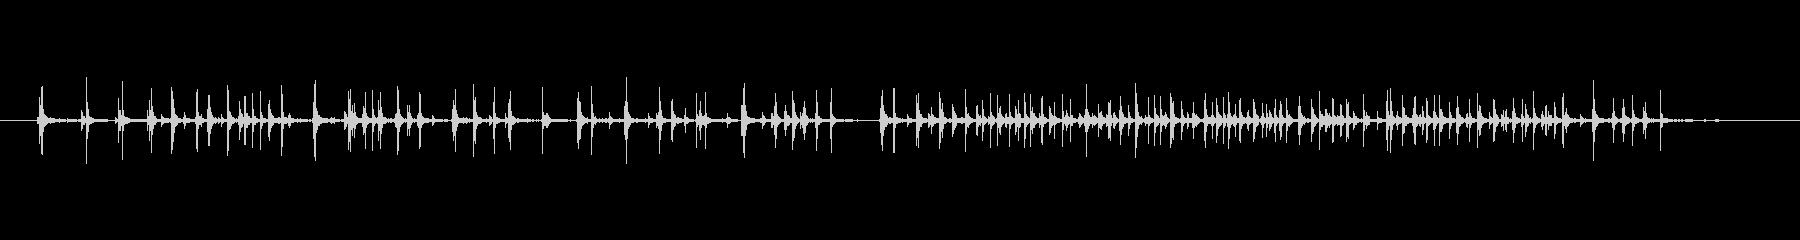 ワードローブ、オープン、長く、低いきしみの未再生の波形